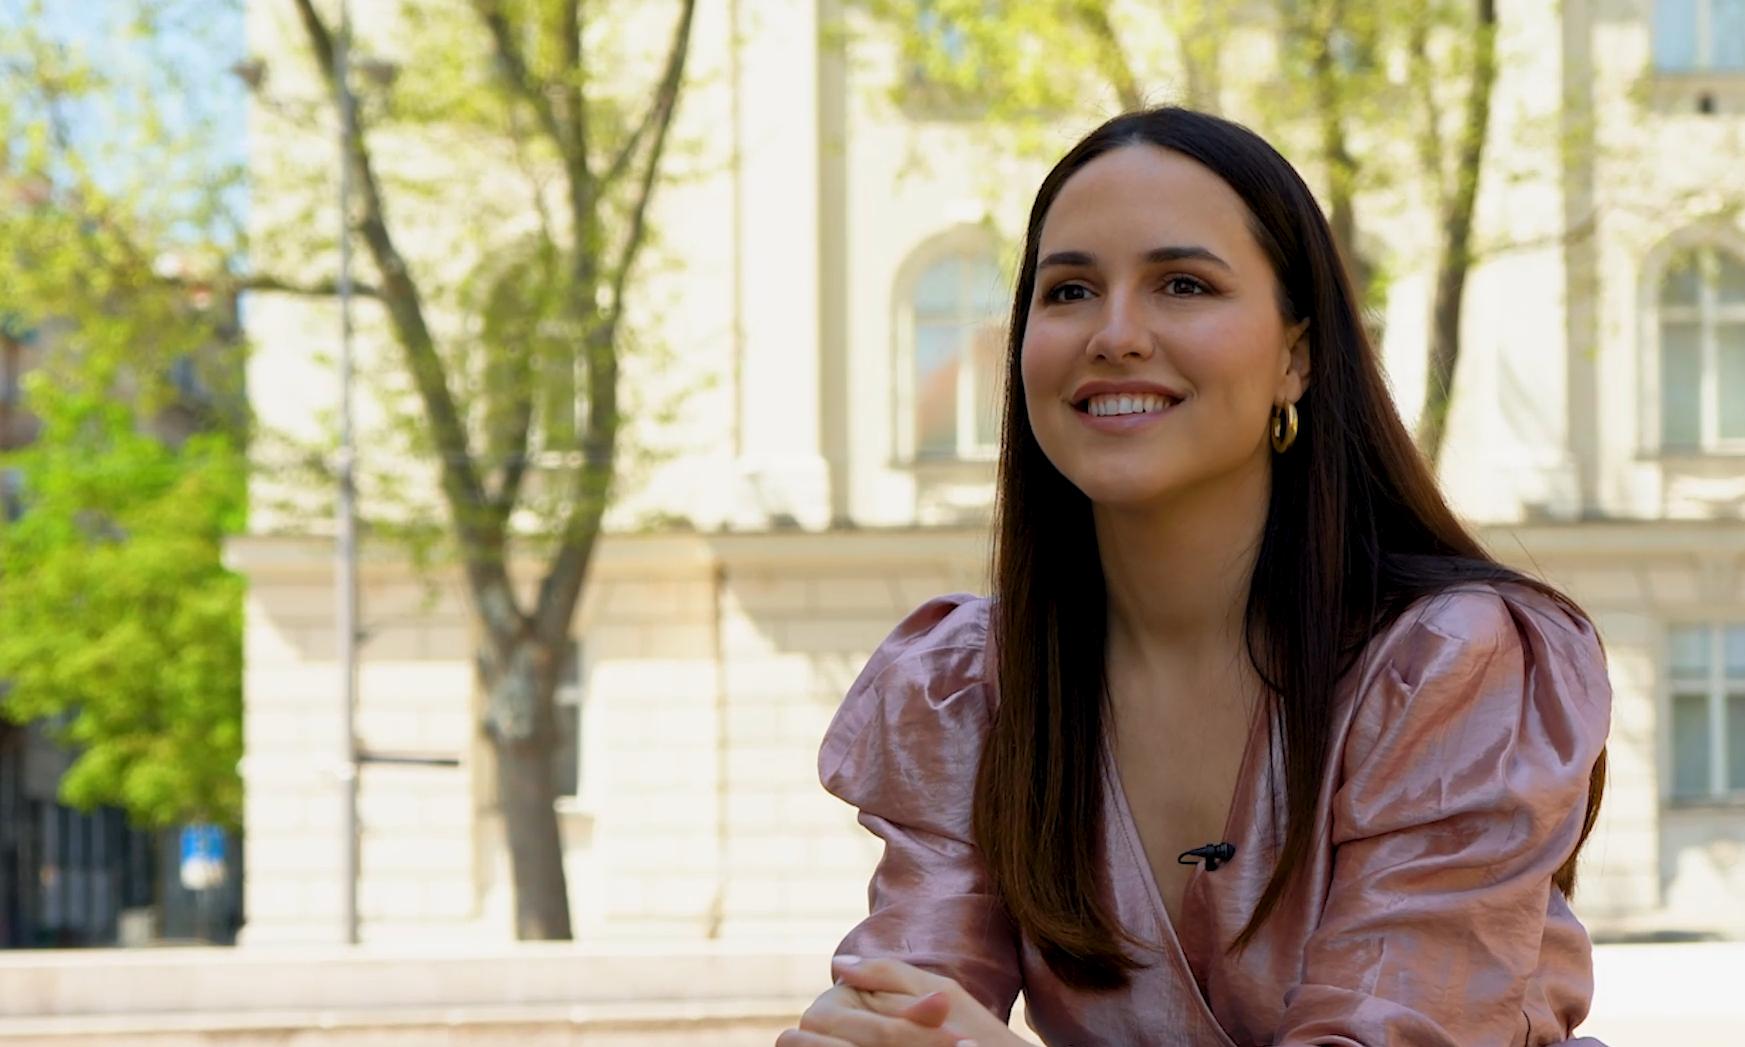 Lana Jurčević u podcastu Tronožac otkrila hoće li se ikada upustiti u cajke, kakve žene preferira i još mnogo toga zabavnoga